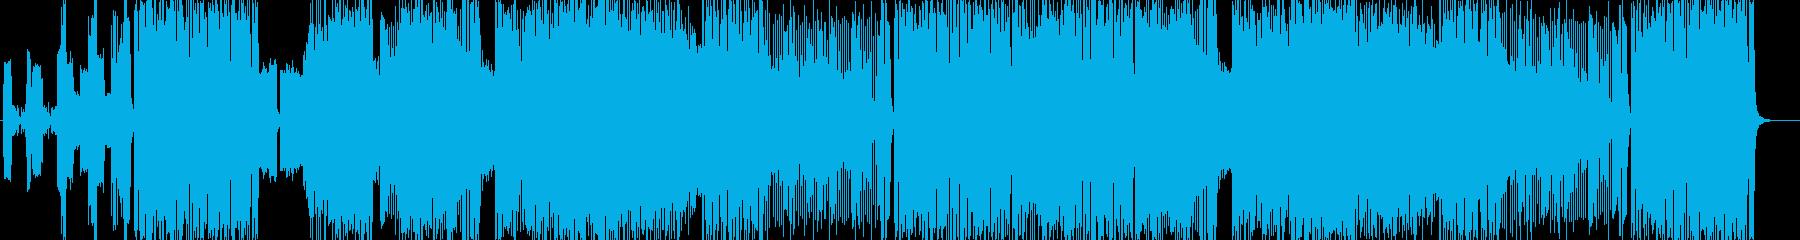 「ハード/ヘヴィ/ダーク」BGM231の再生済みの波形